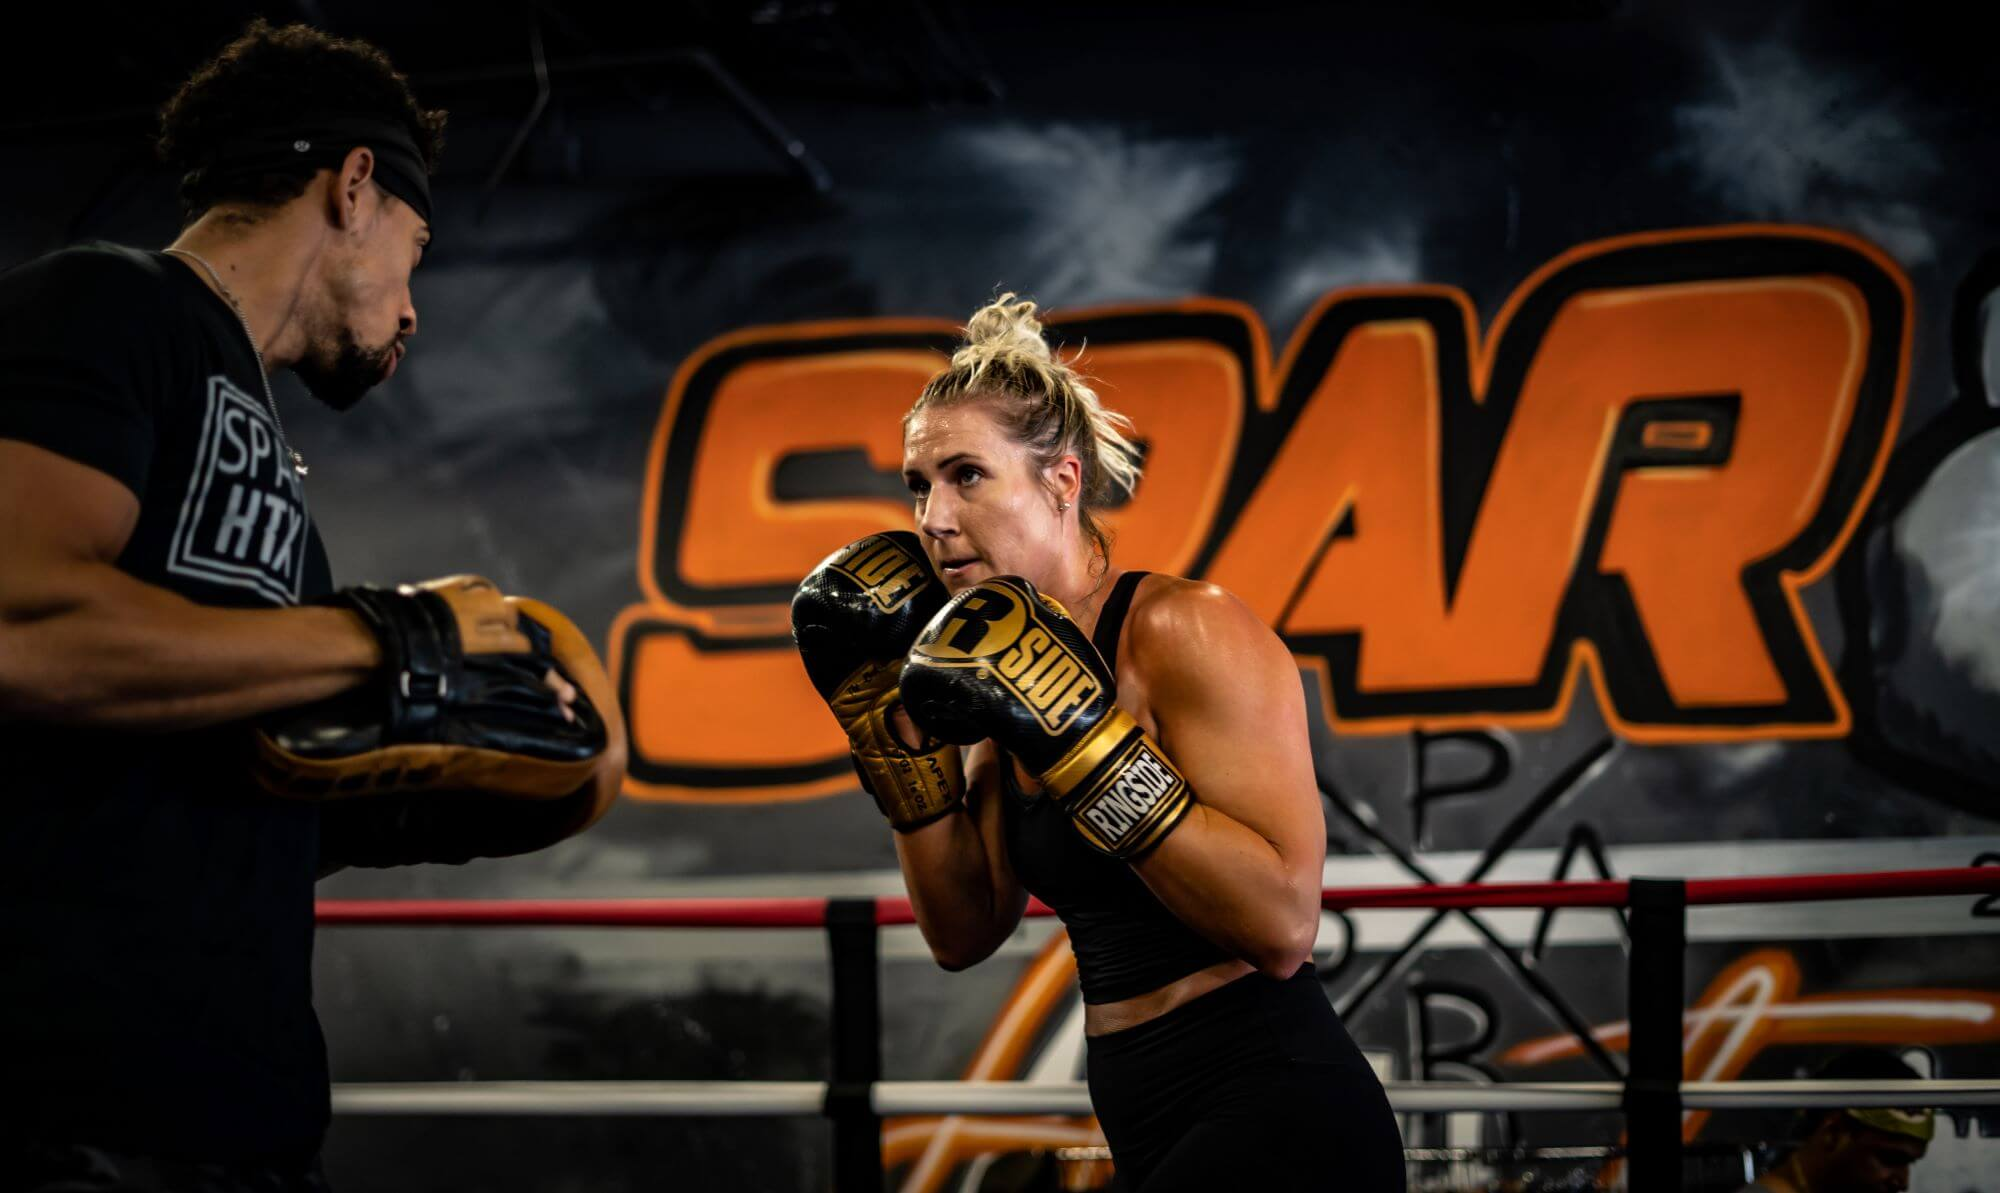 SPAR Boxing Club Miami Beach